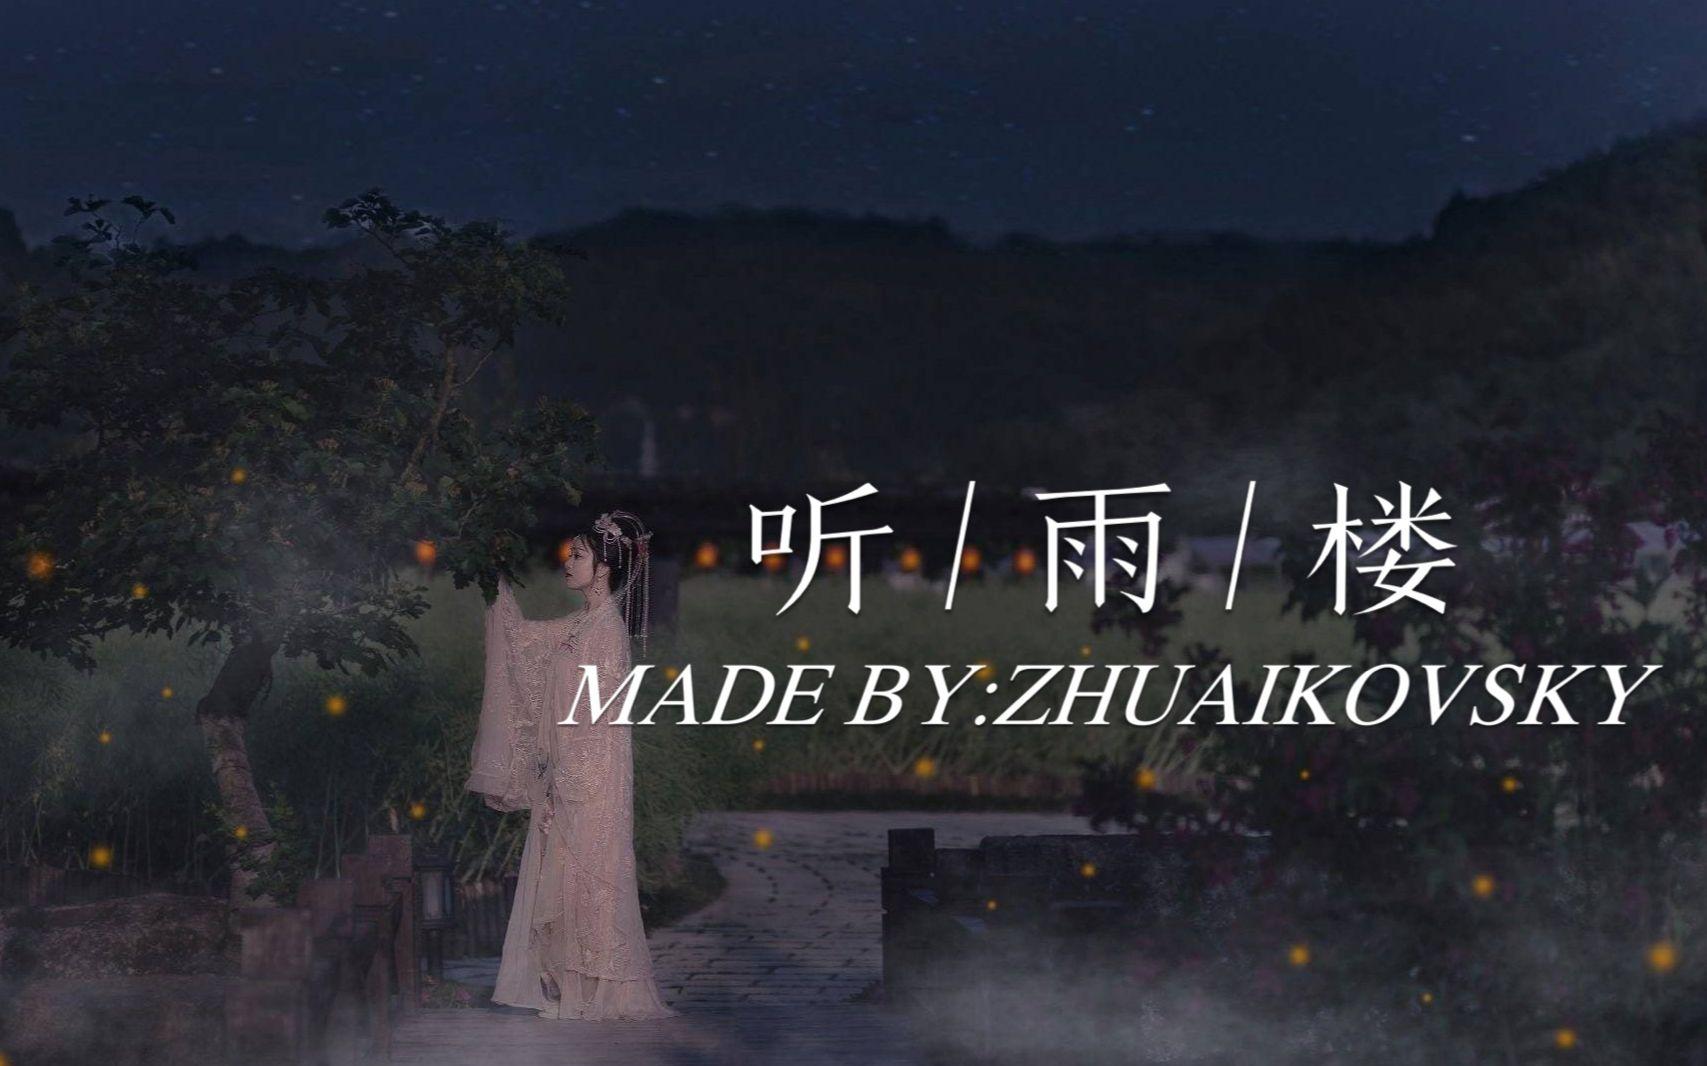 北京腔听雨楼视频舌头甩图片